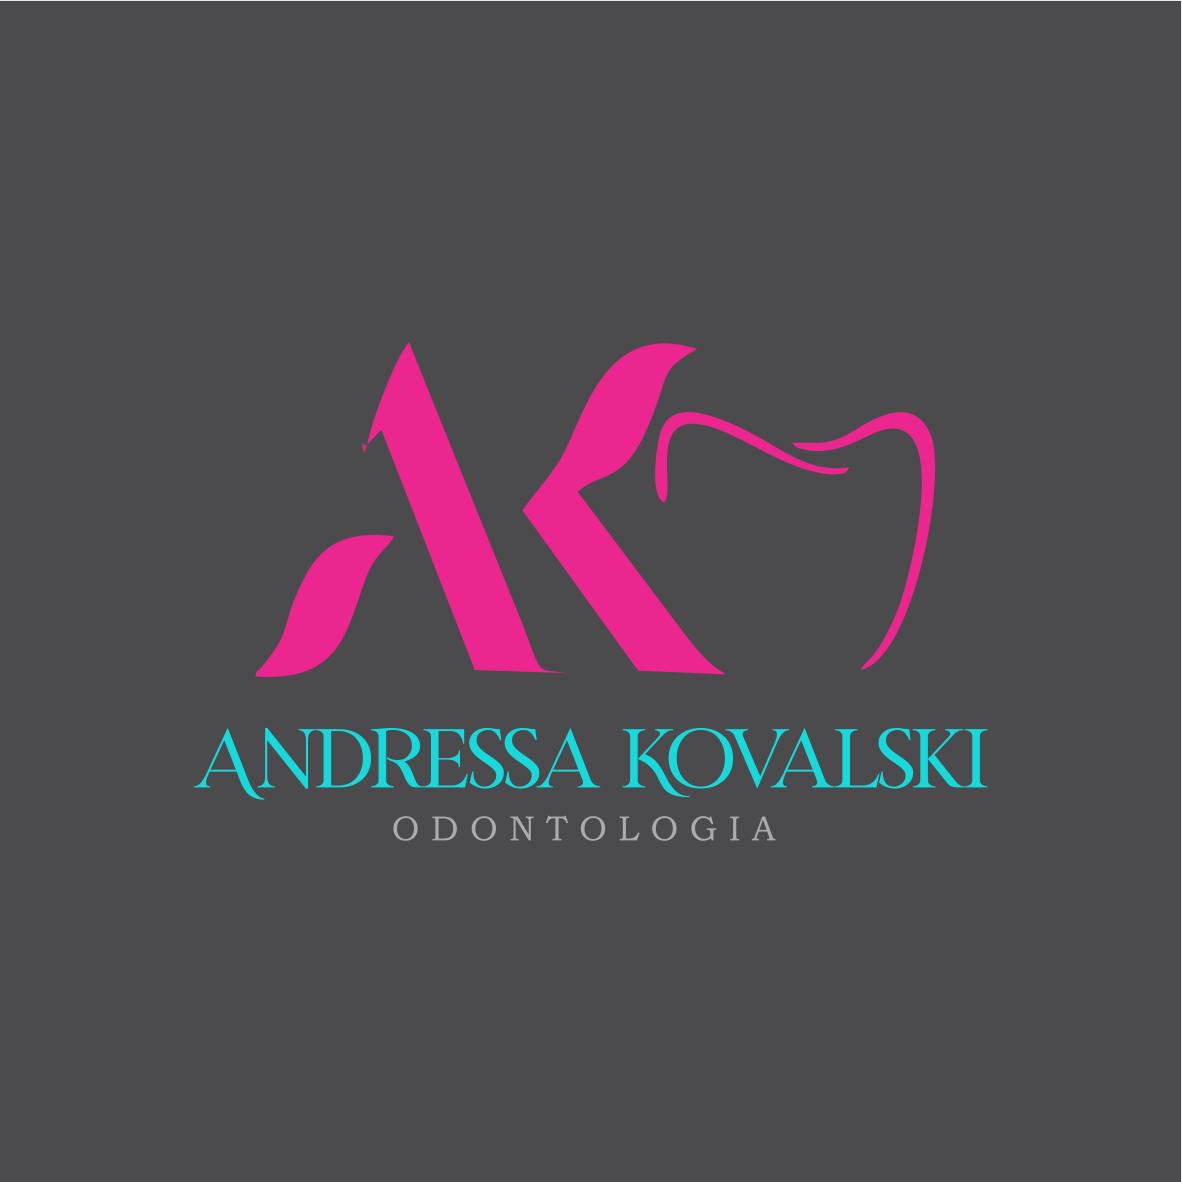 Logotipo Logomarca Clínica de Odontologia